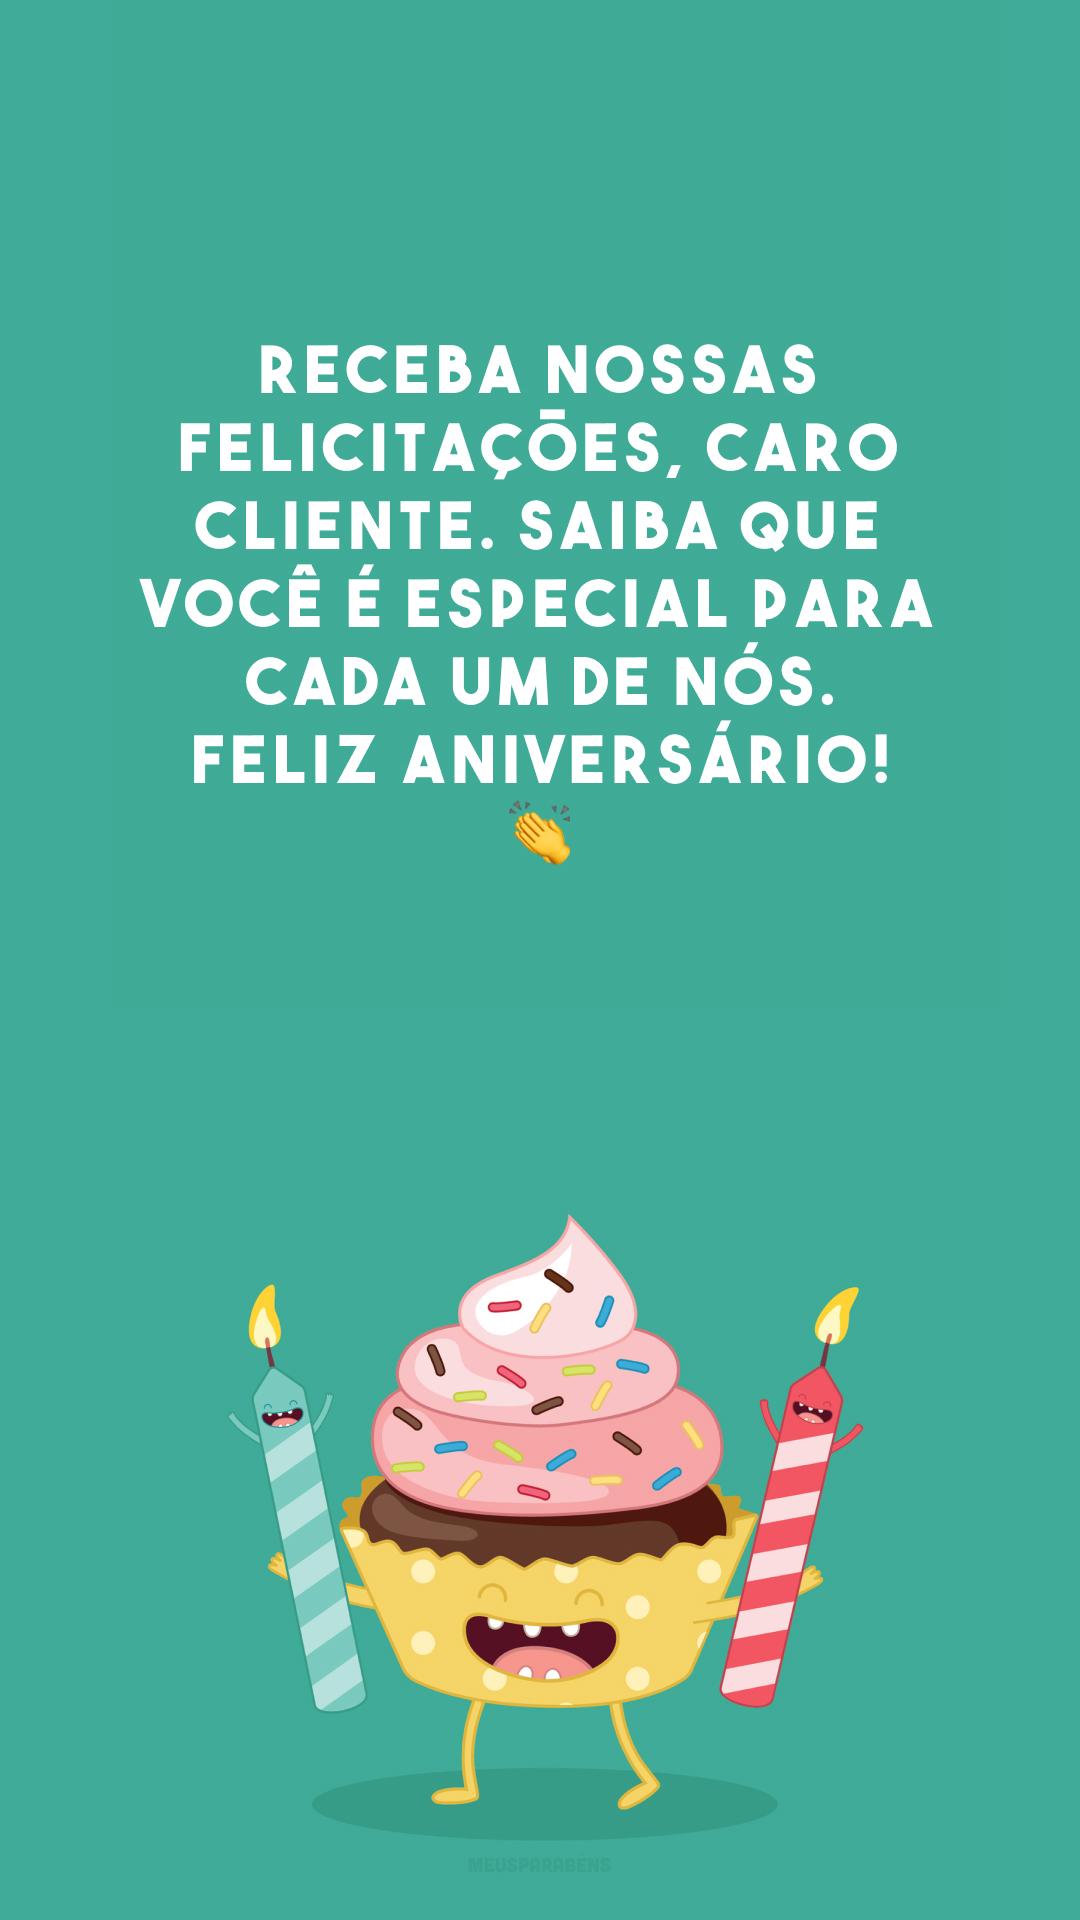 Receba nossas felicitações, caro cliente. Saiba que você é especial para cada um de nós. Feliz aniversário! 👏